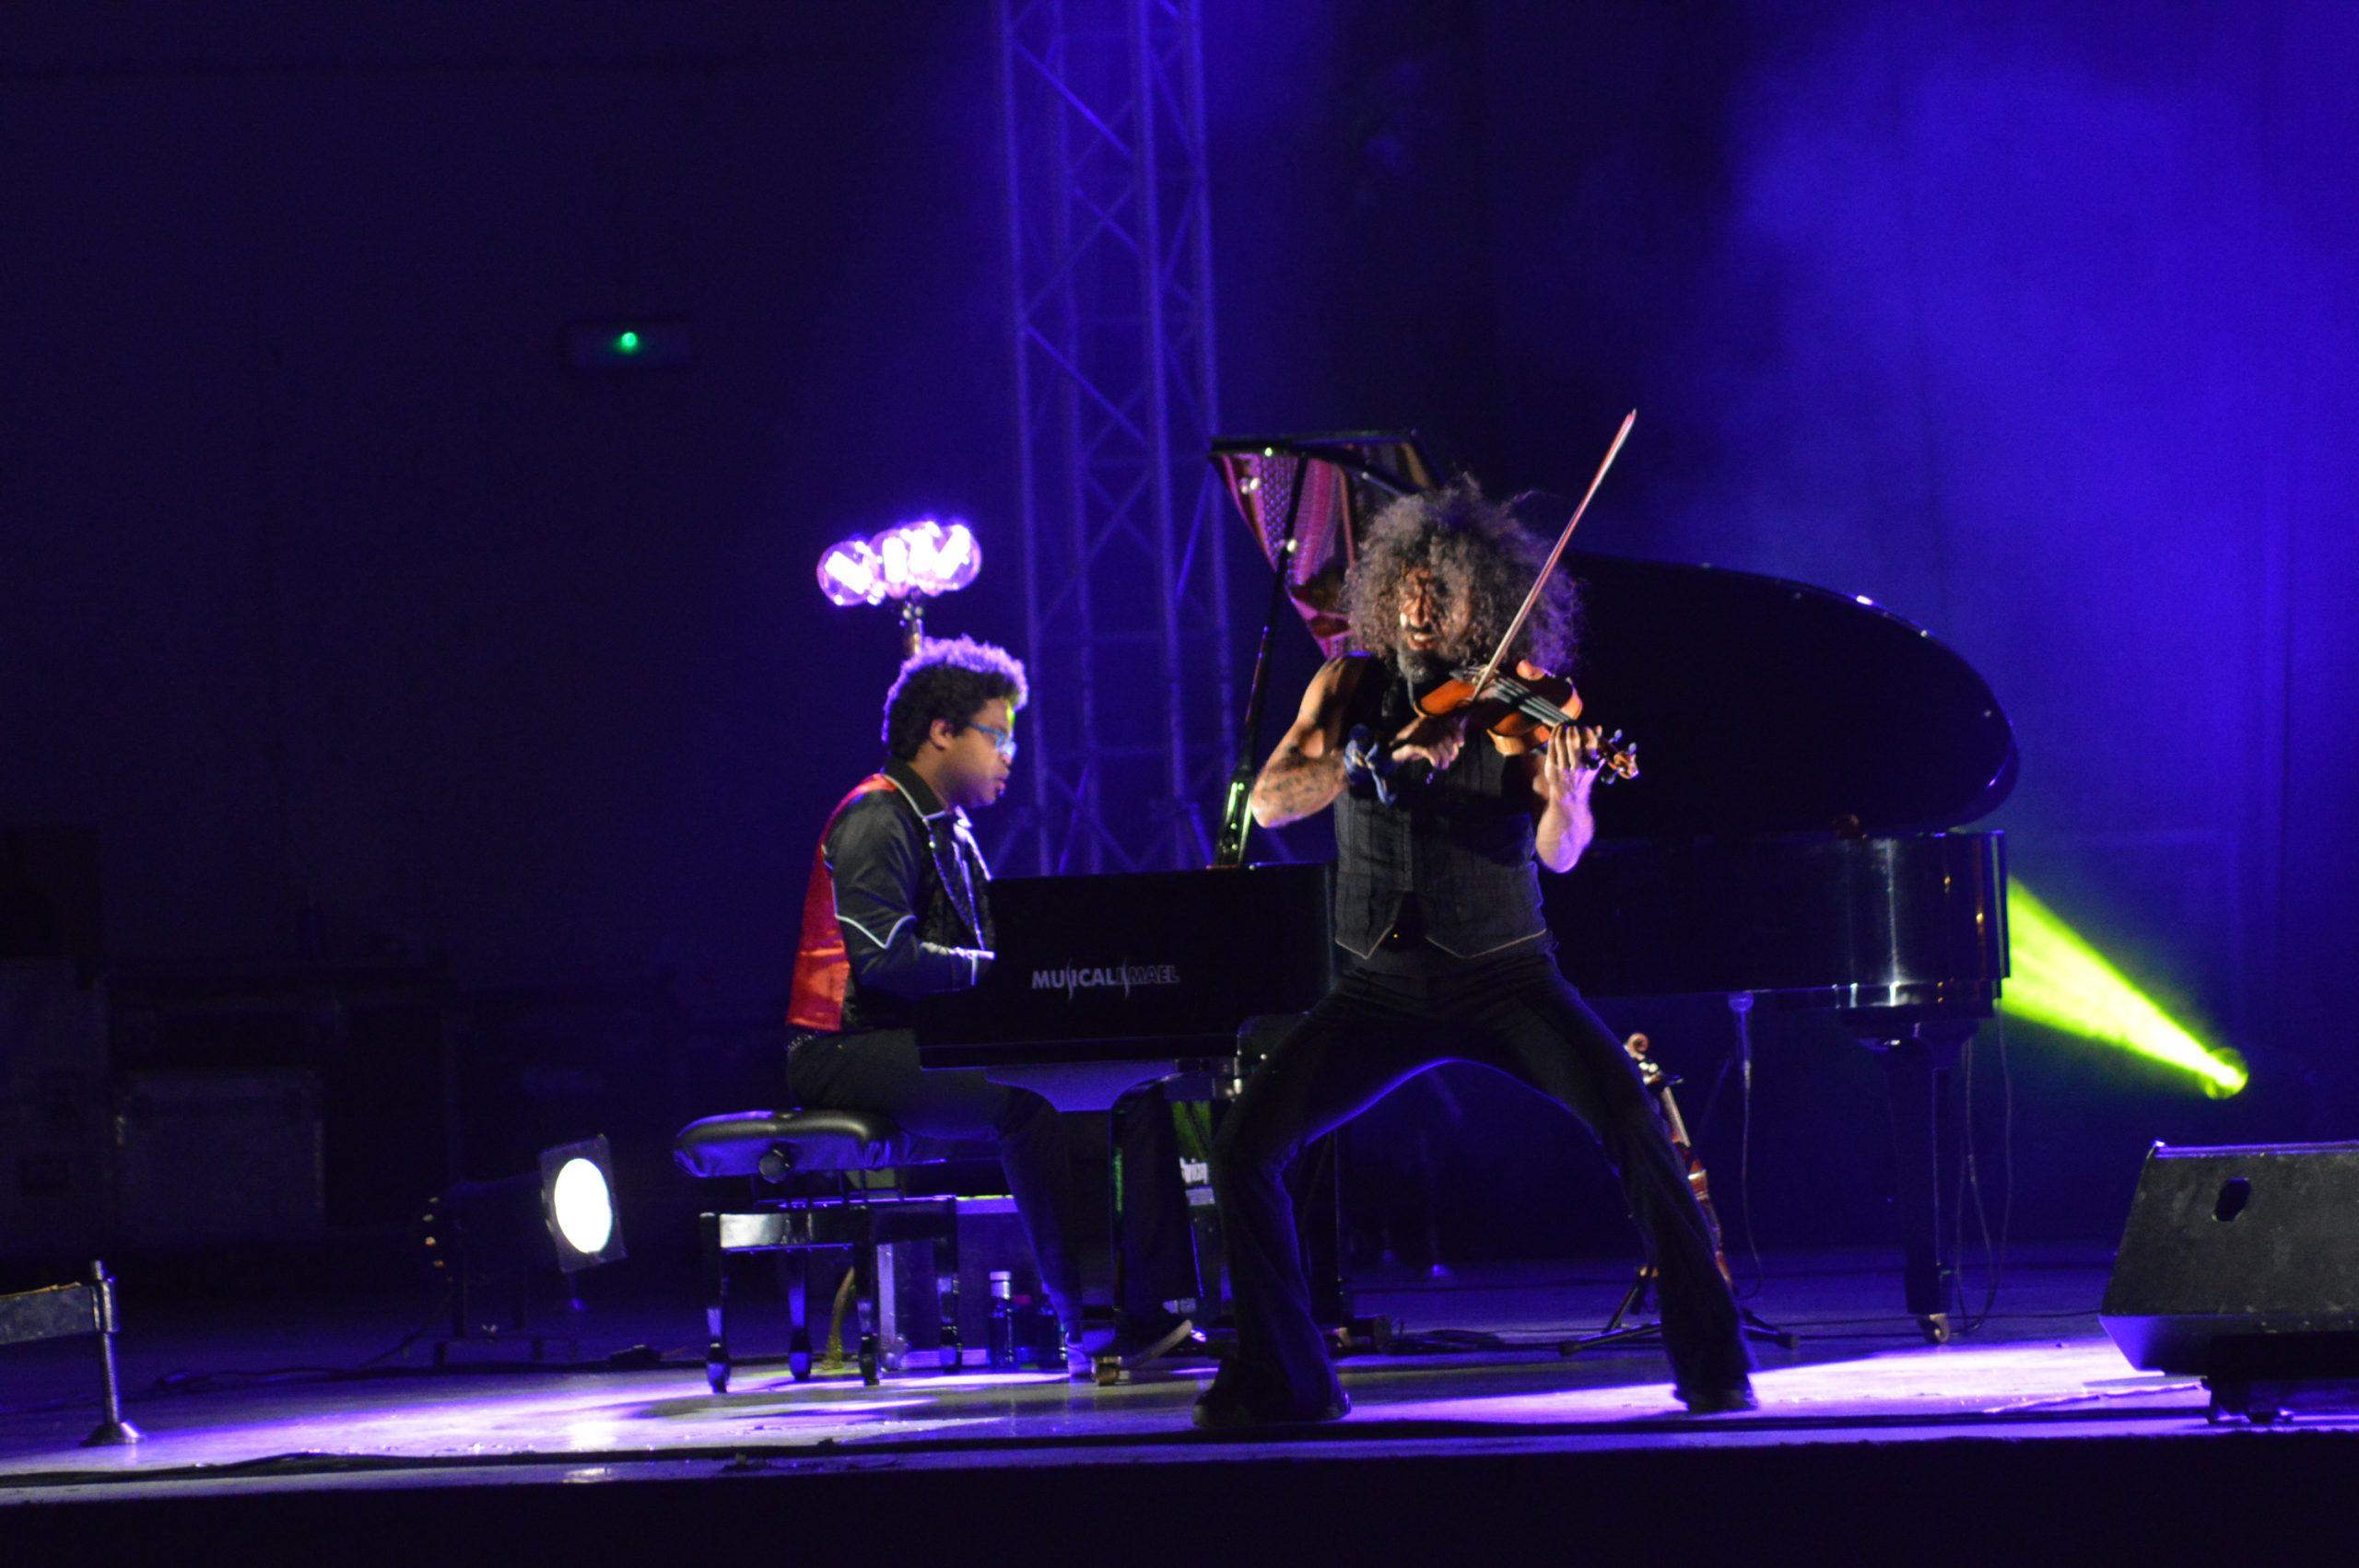 Ara Malikian emociona en su regreso a Ponferrada demostrando una vez más su virtuosismo con el violín 30